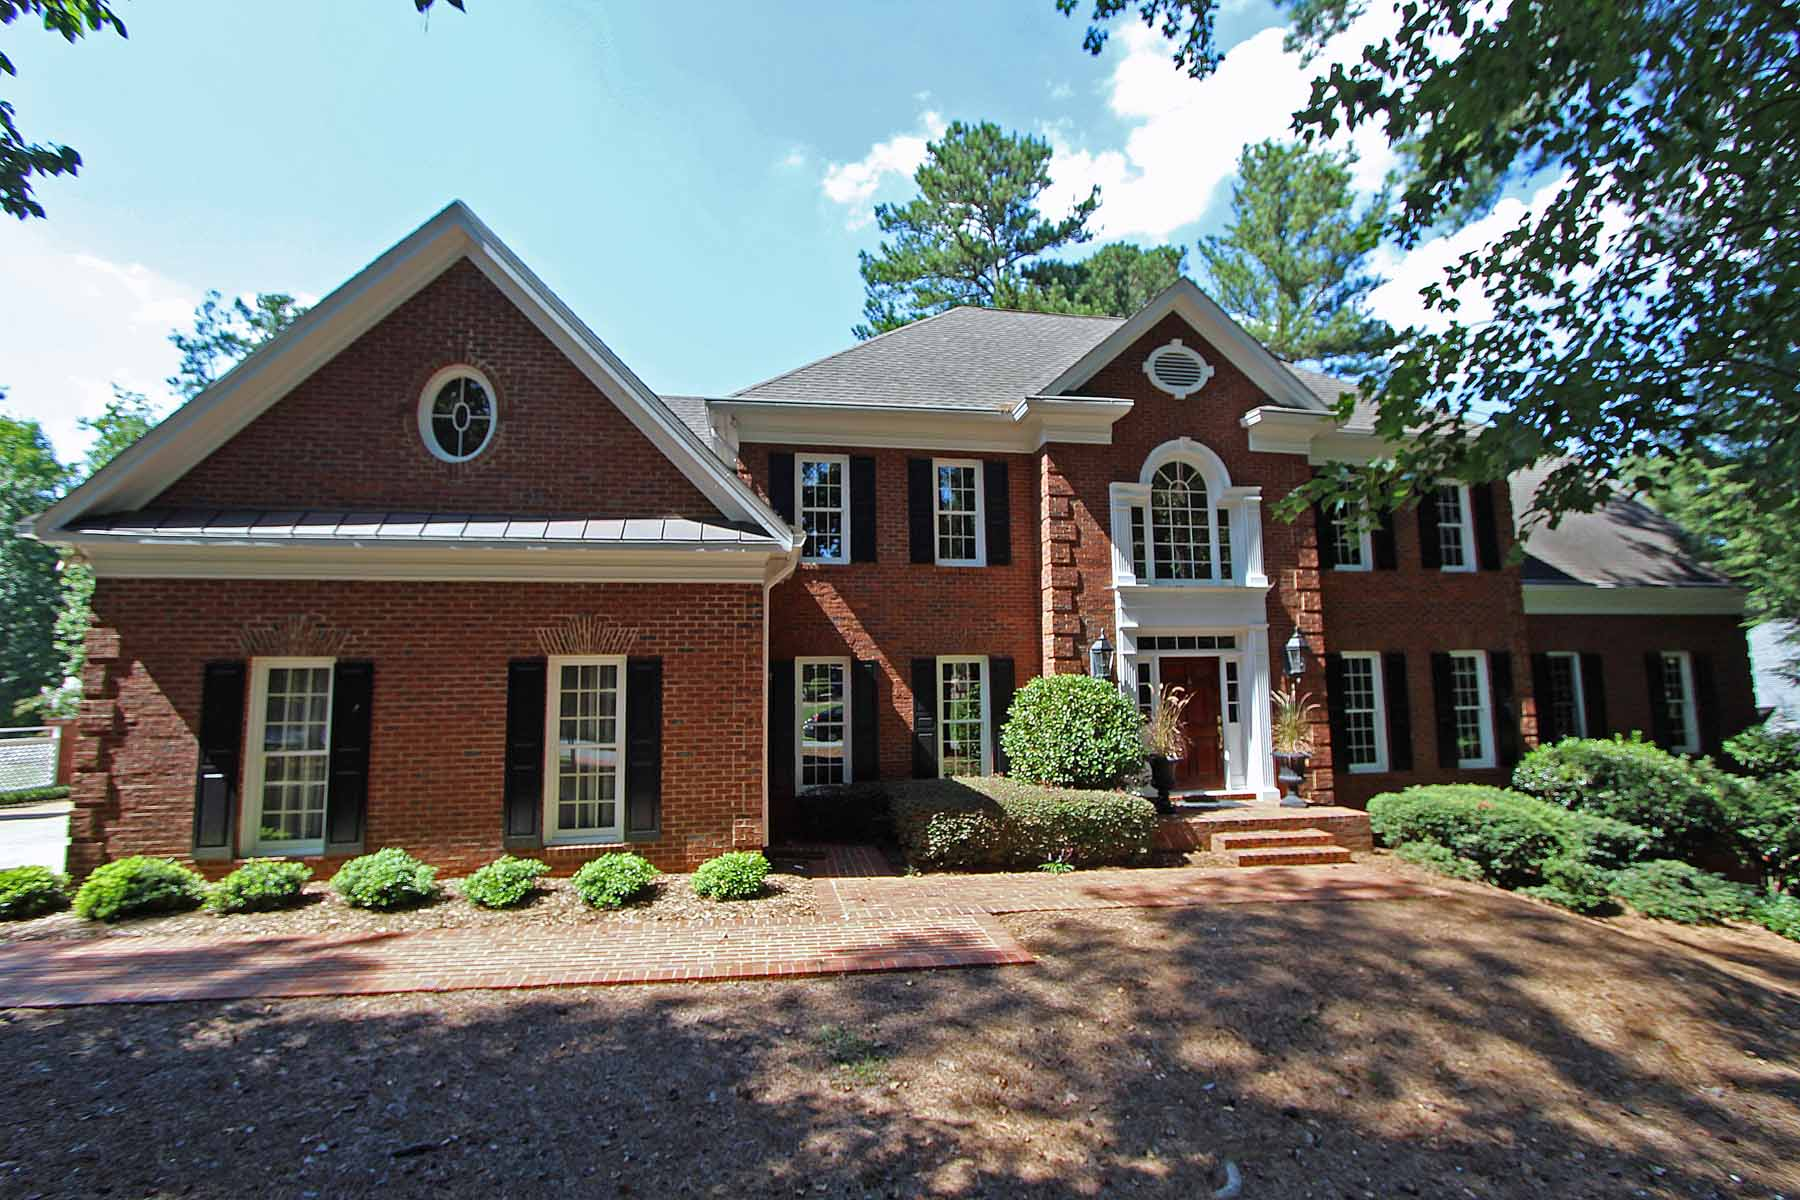 Частный односемейный дом для того Продажа на Beautiful Golf View 4330 Bancroft Valley Alpharetta, Джорджия, 30022 Соединенные Штаты